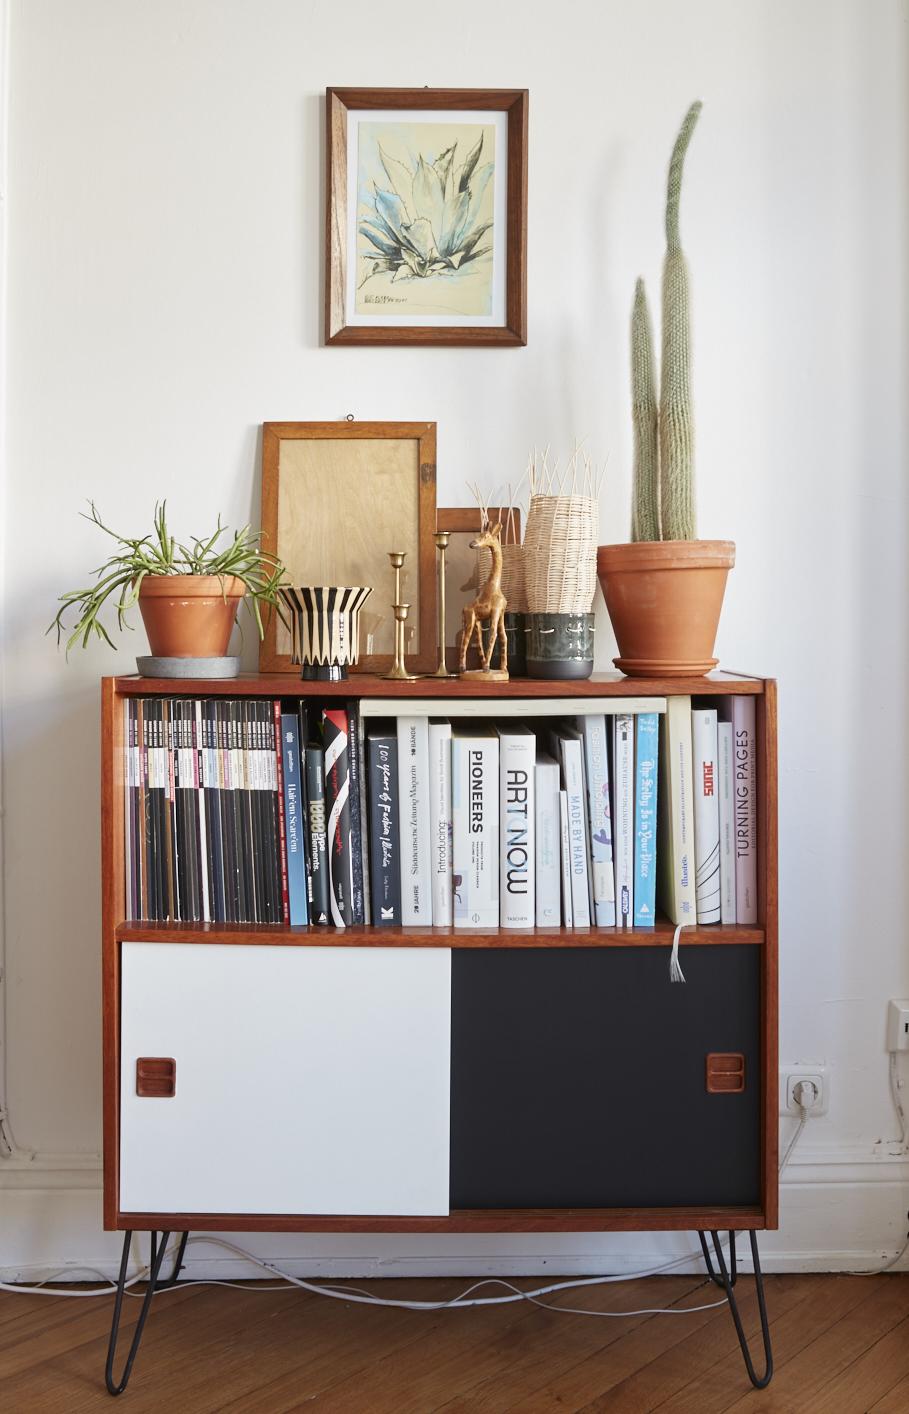 lys blog lys hei t licht und design aus skandinavien. Black Bedroom Furniture Sets. Home Design Ideas